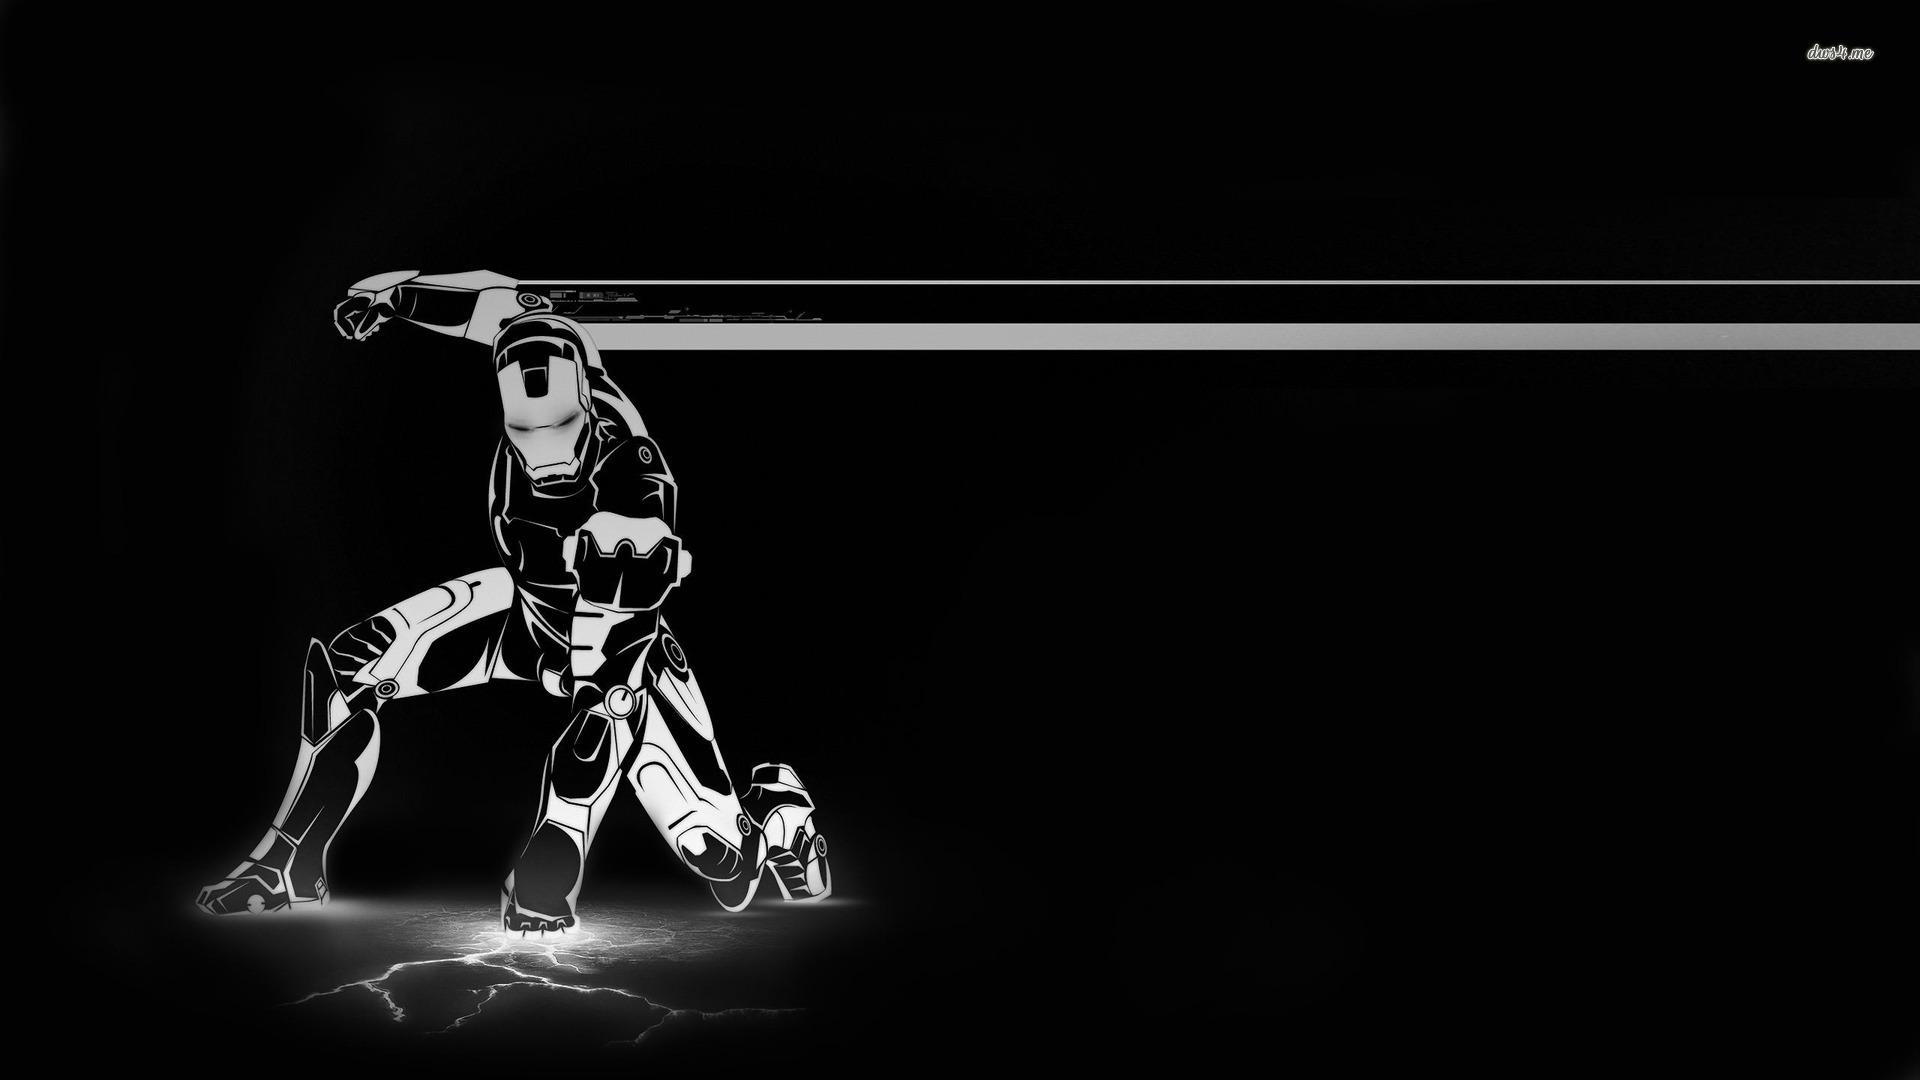 76 Iron Man Wallpaper Desktop On Wallpapersafari